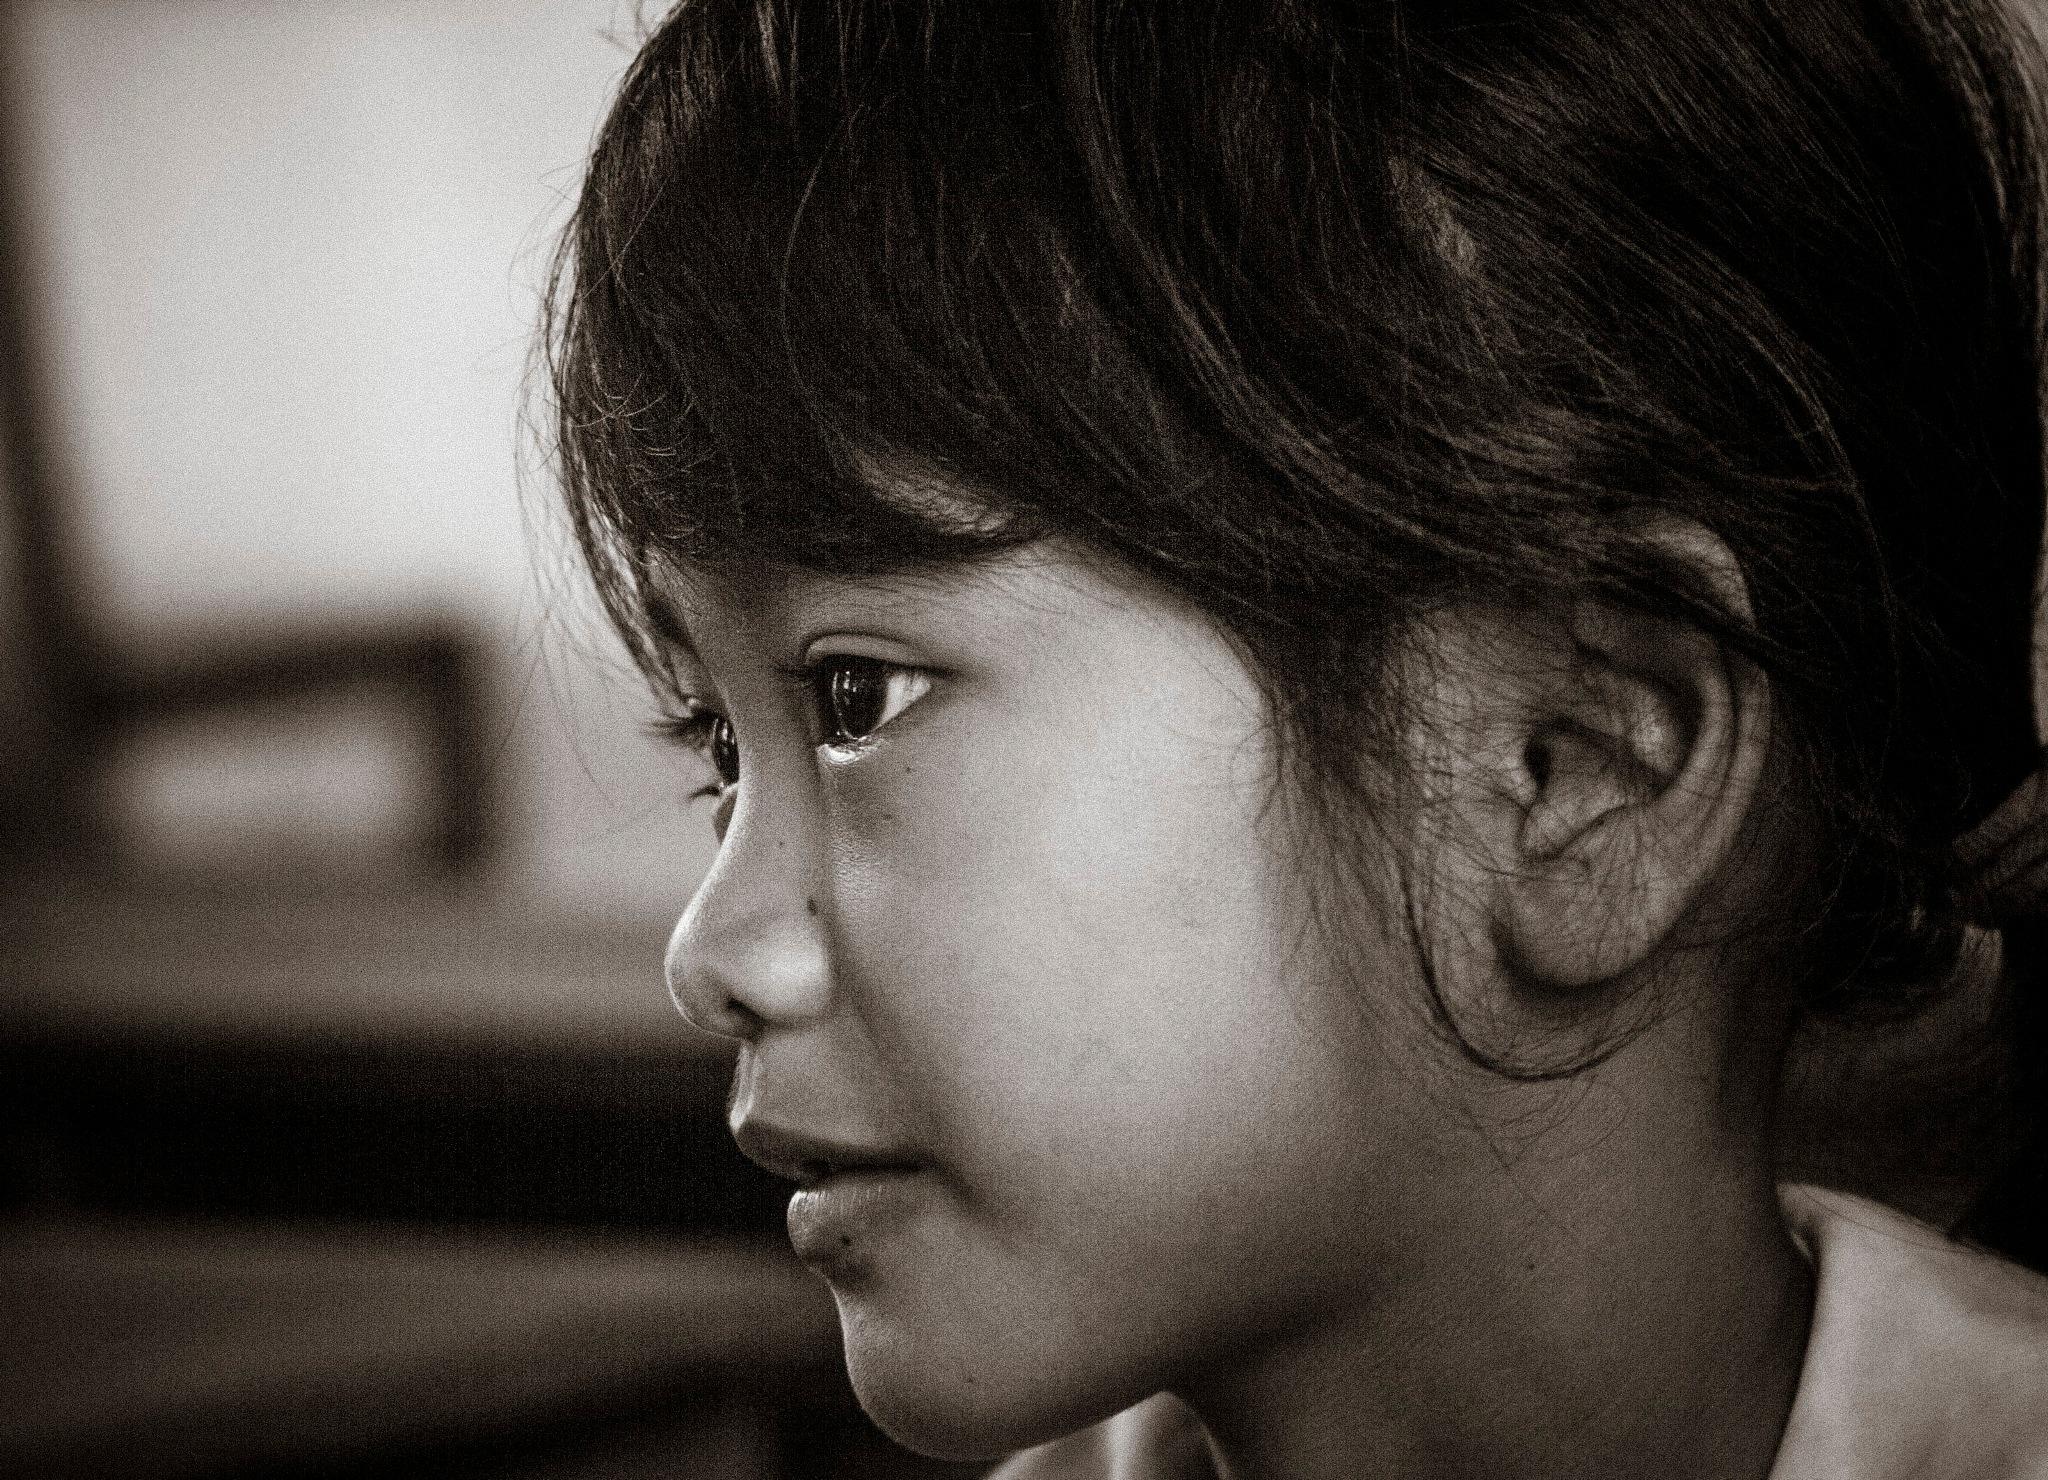 カンボジアの肖像20180522E by wwfax photography